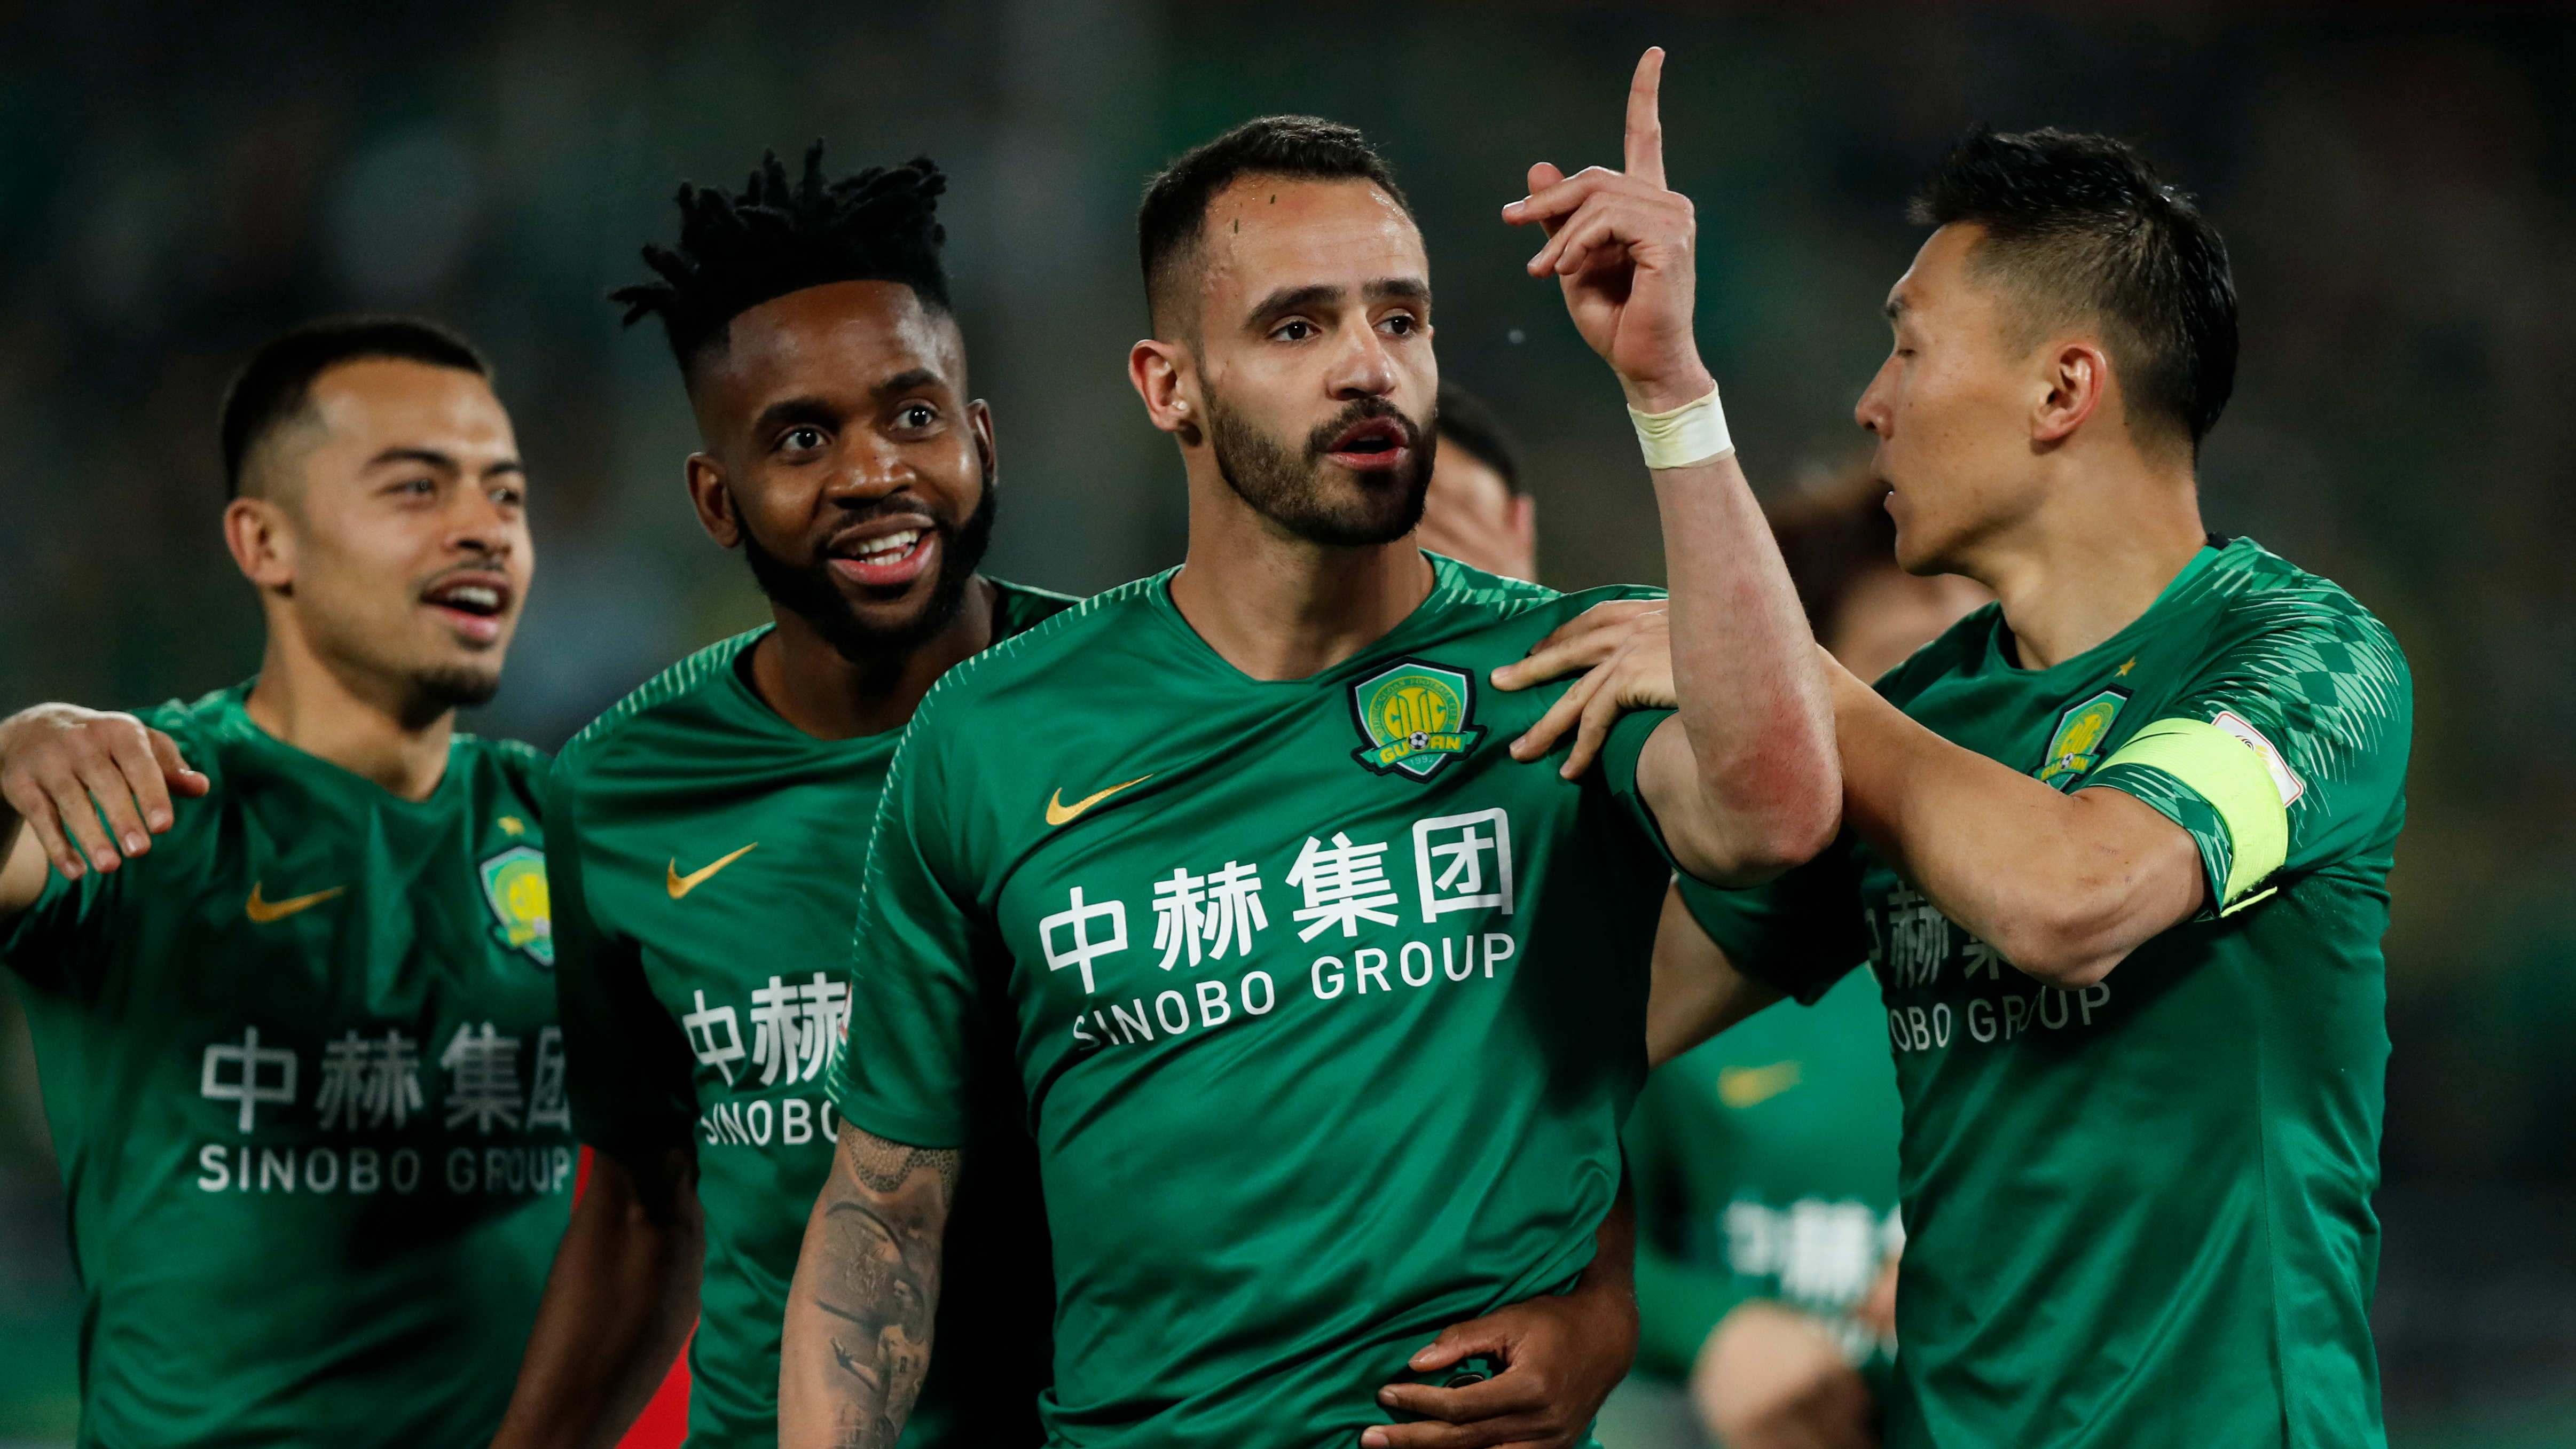 河北华夏vs北京国安:华夏战绩不稳,国安状态回升